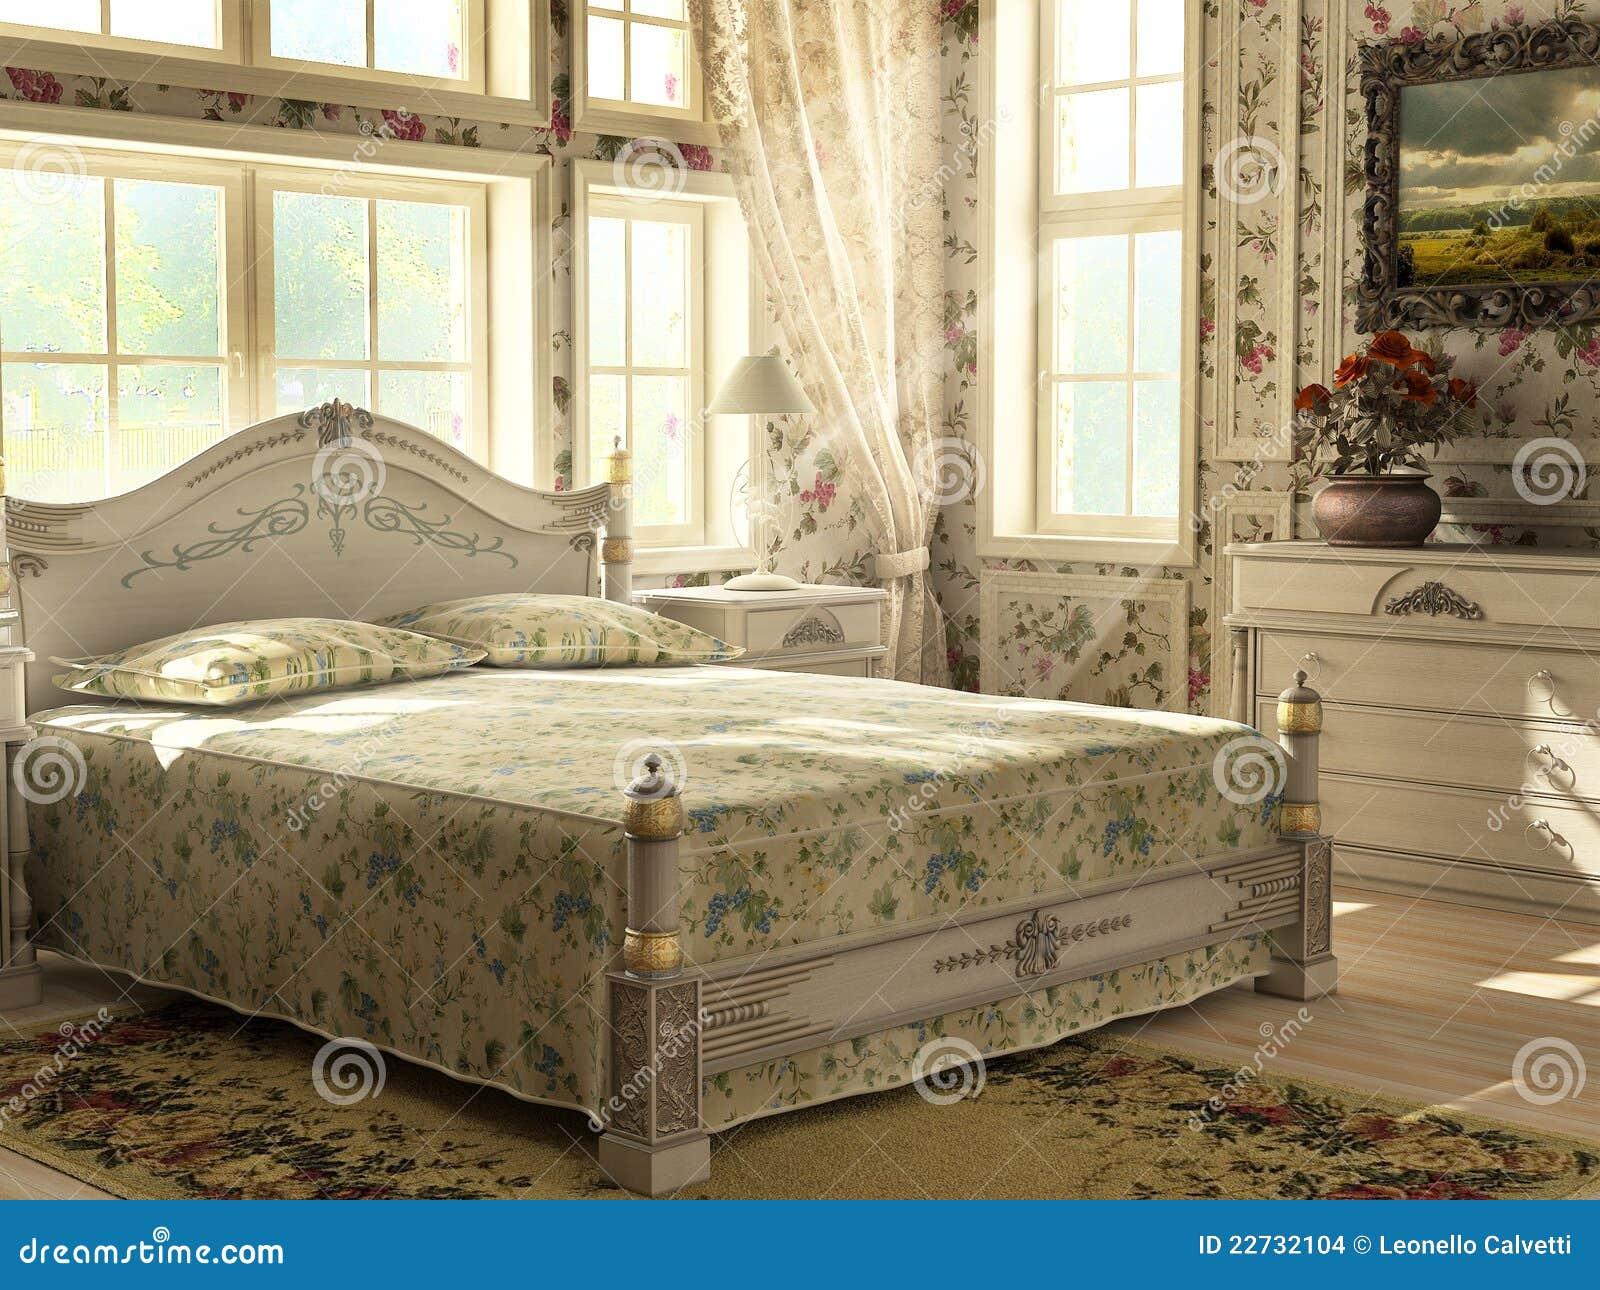 Camere da letto classiche di lusso free camera da letto - Camere da letto classiche di lusso ...